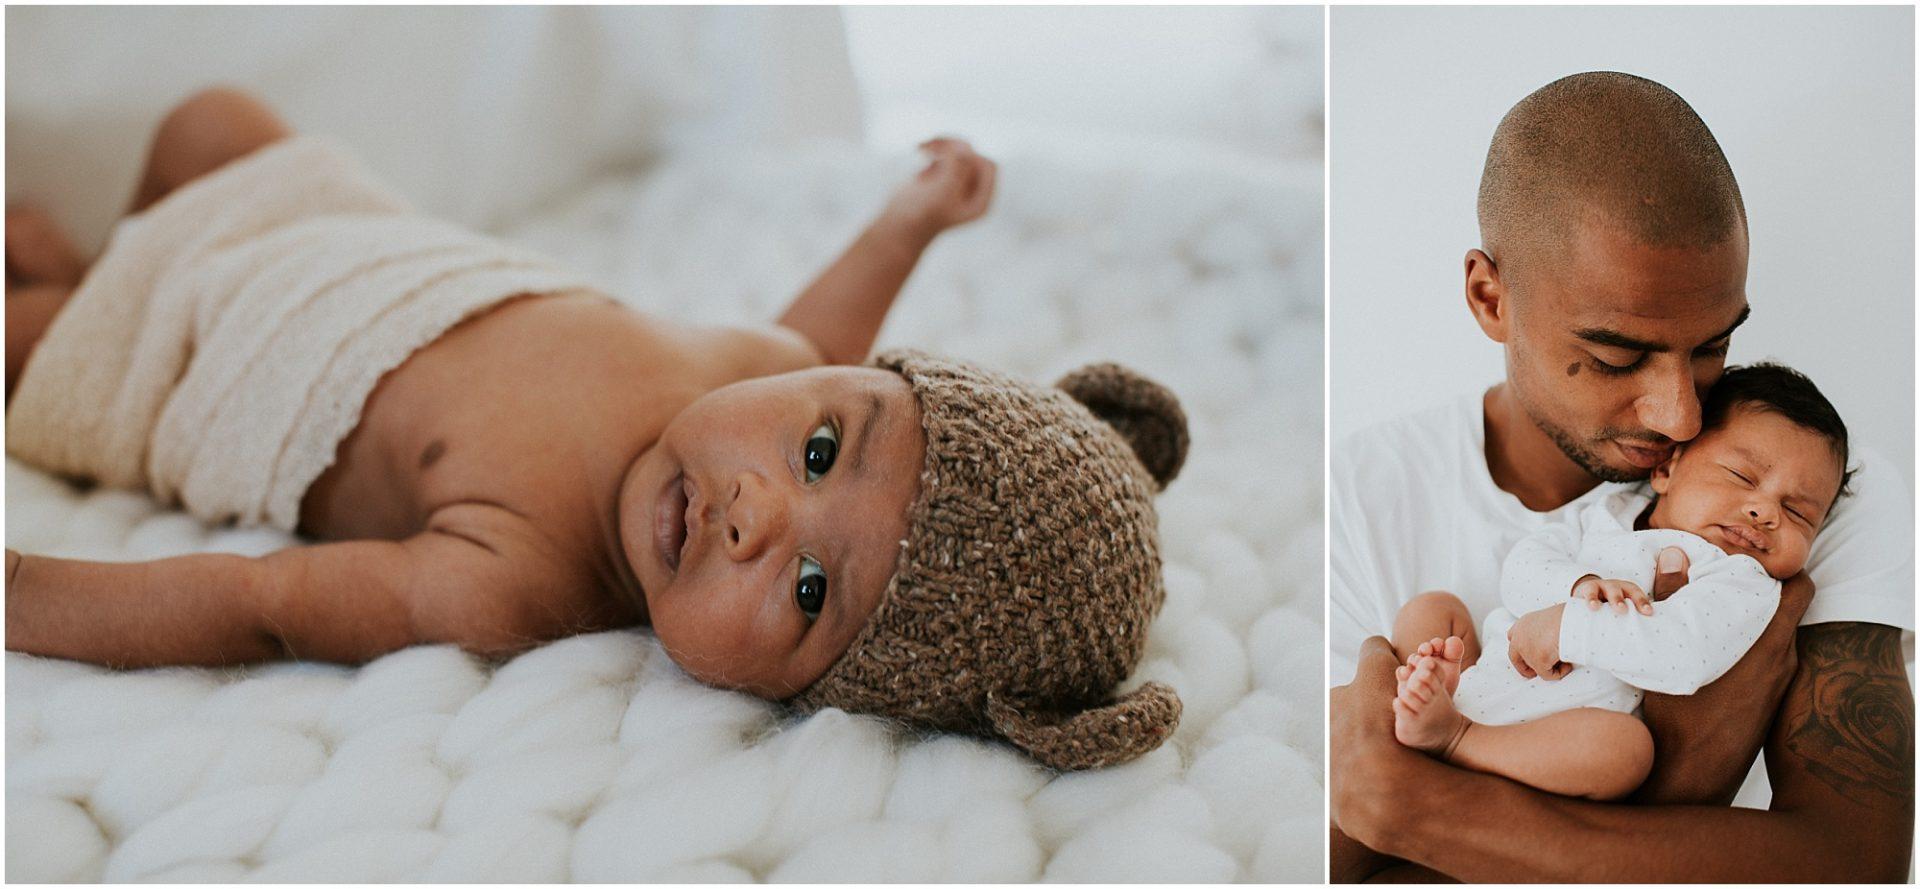 Kateryna-photos-le-mans-photographe-famille-enfants-bebes-nouveau-ne_0171.jpg